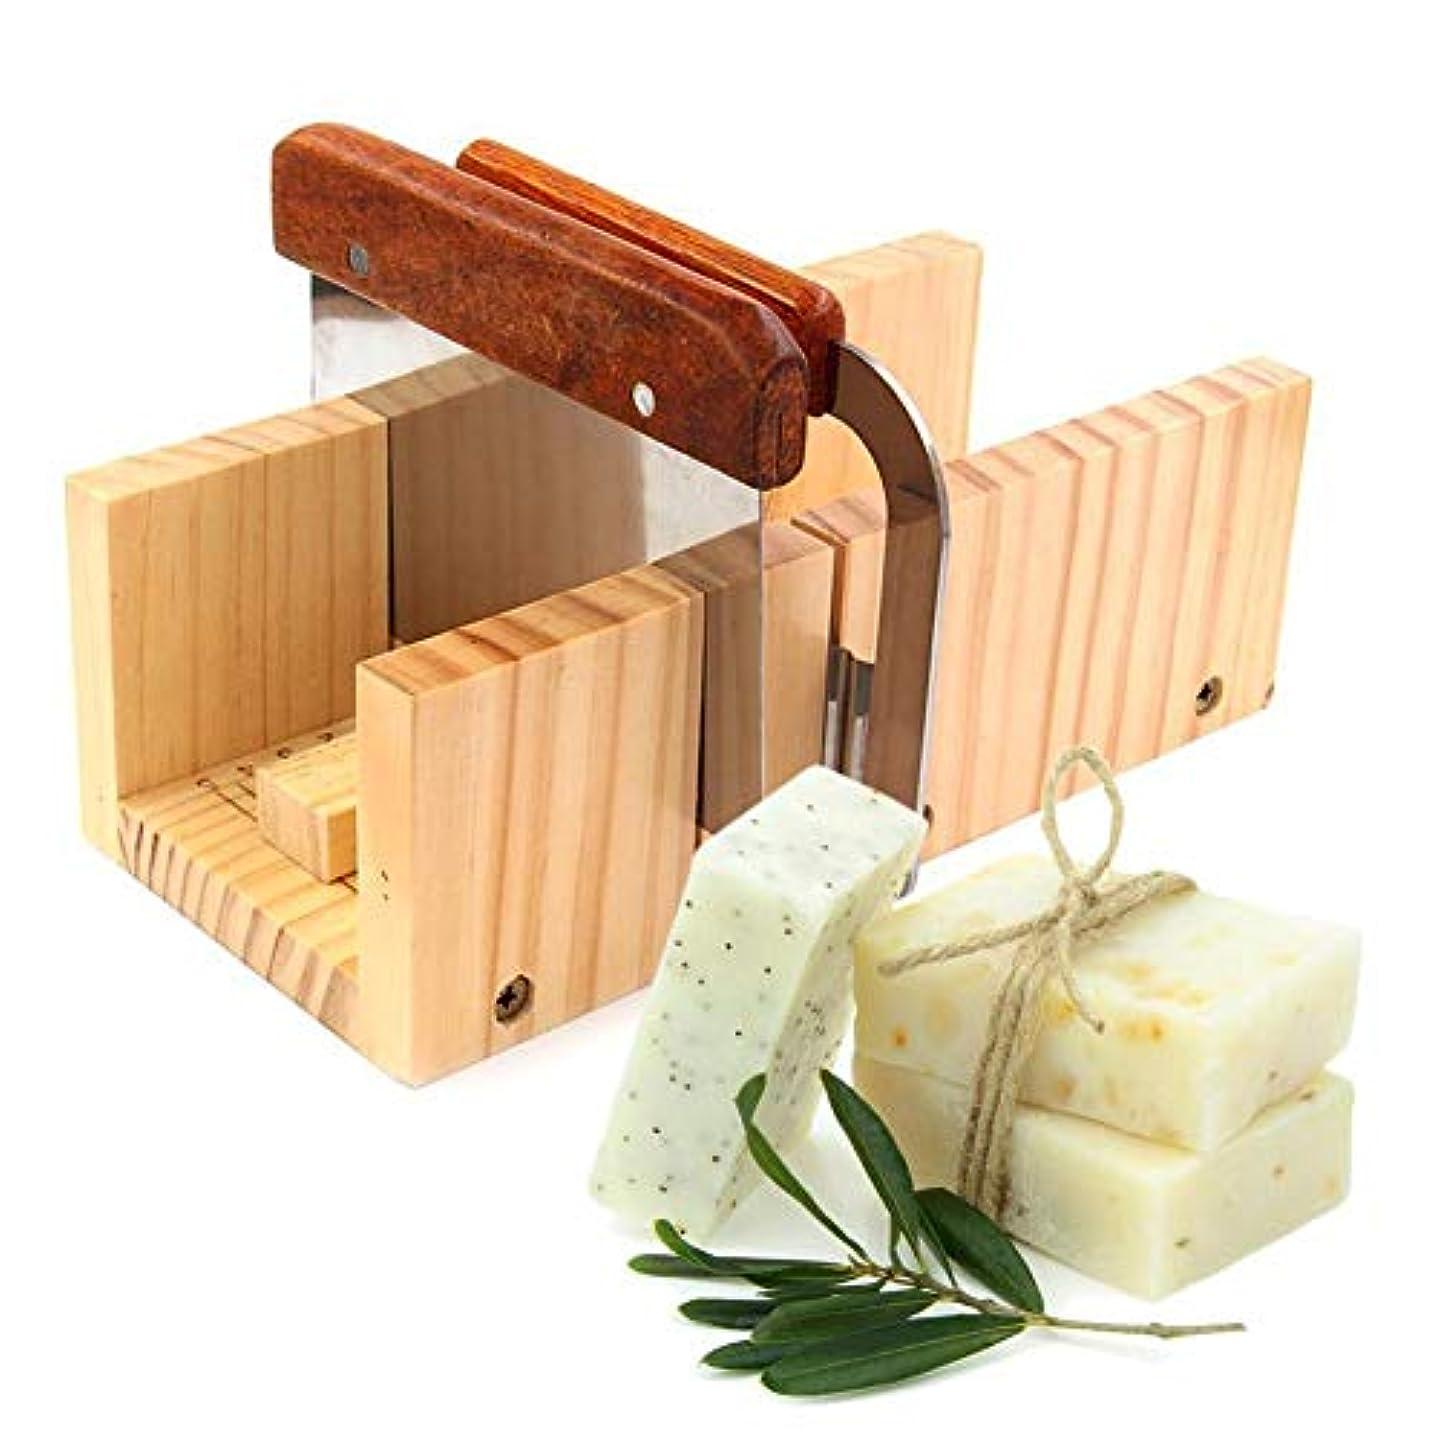 家庭六月受動的Ragem ソープカッター 手作り石鹸金型 木製 ローフカッターボックス 調整可能 多機能ソープ切削工具 ストレートプレーニングツール